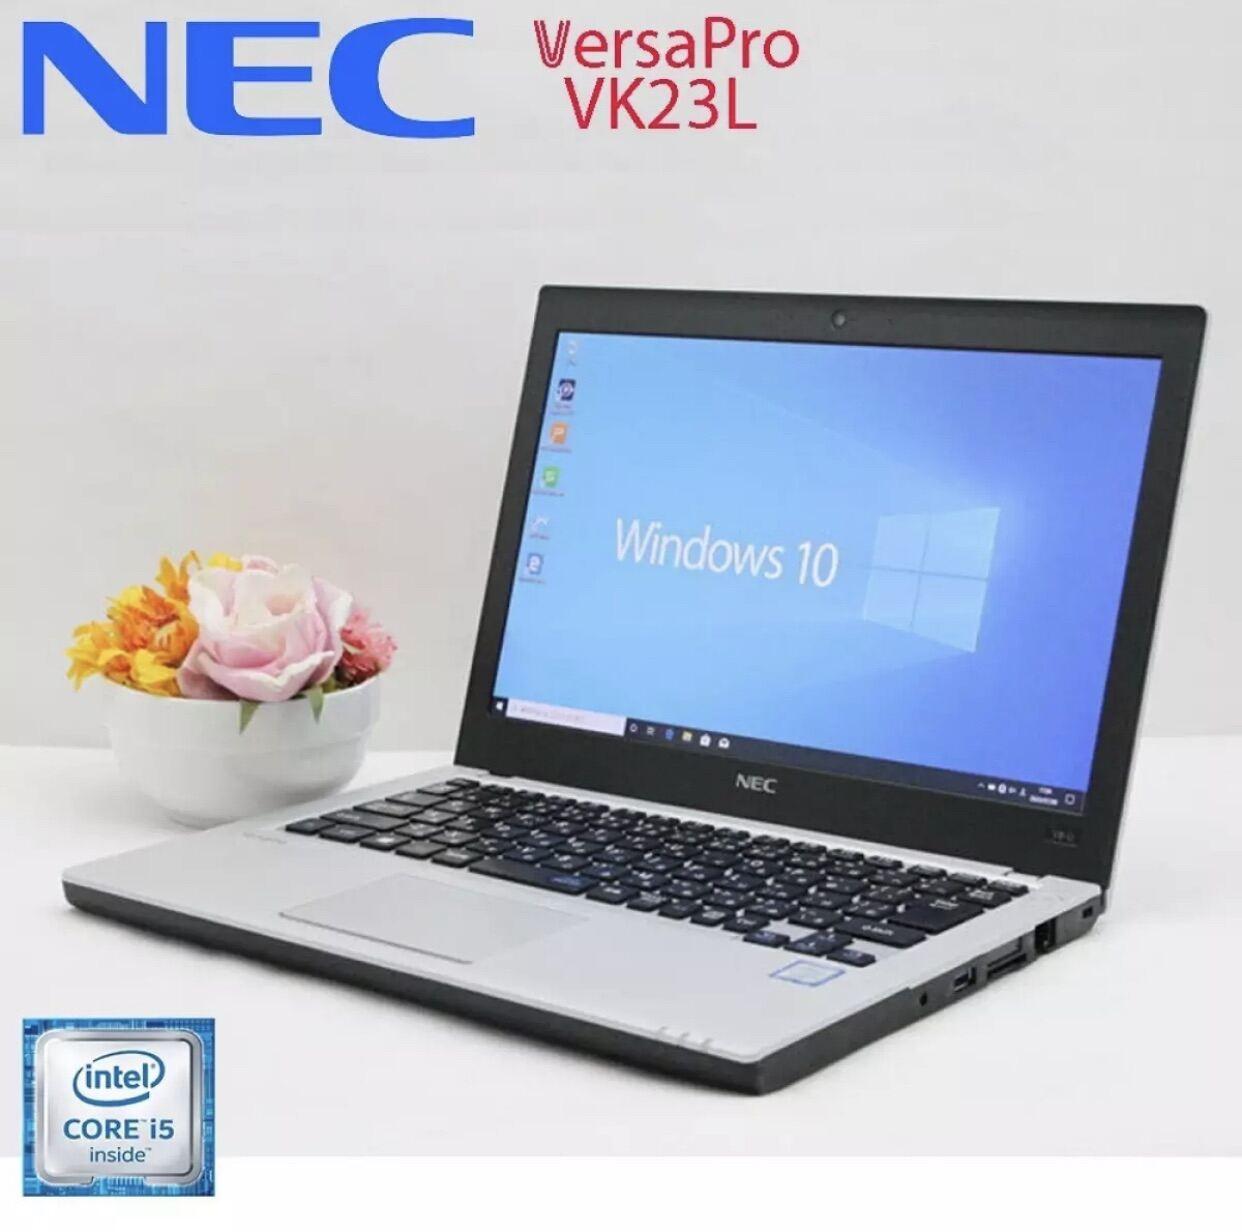 [Trả góp 0%]Laptop Nhật Bản NEC Versapro VK23L G Core i5-6200U 4gb Ram 128gb SSD 12.7inch Full HD vỏ siêu cứng thumbnail